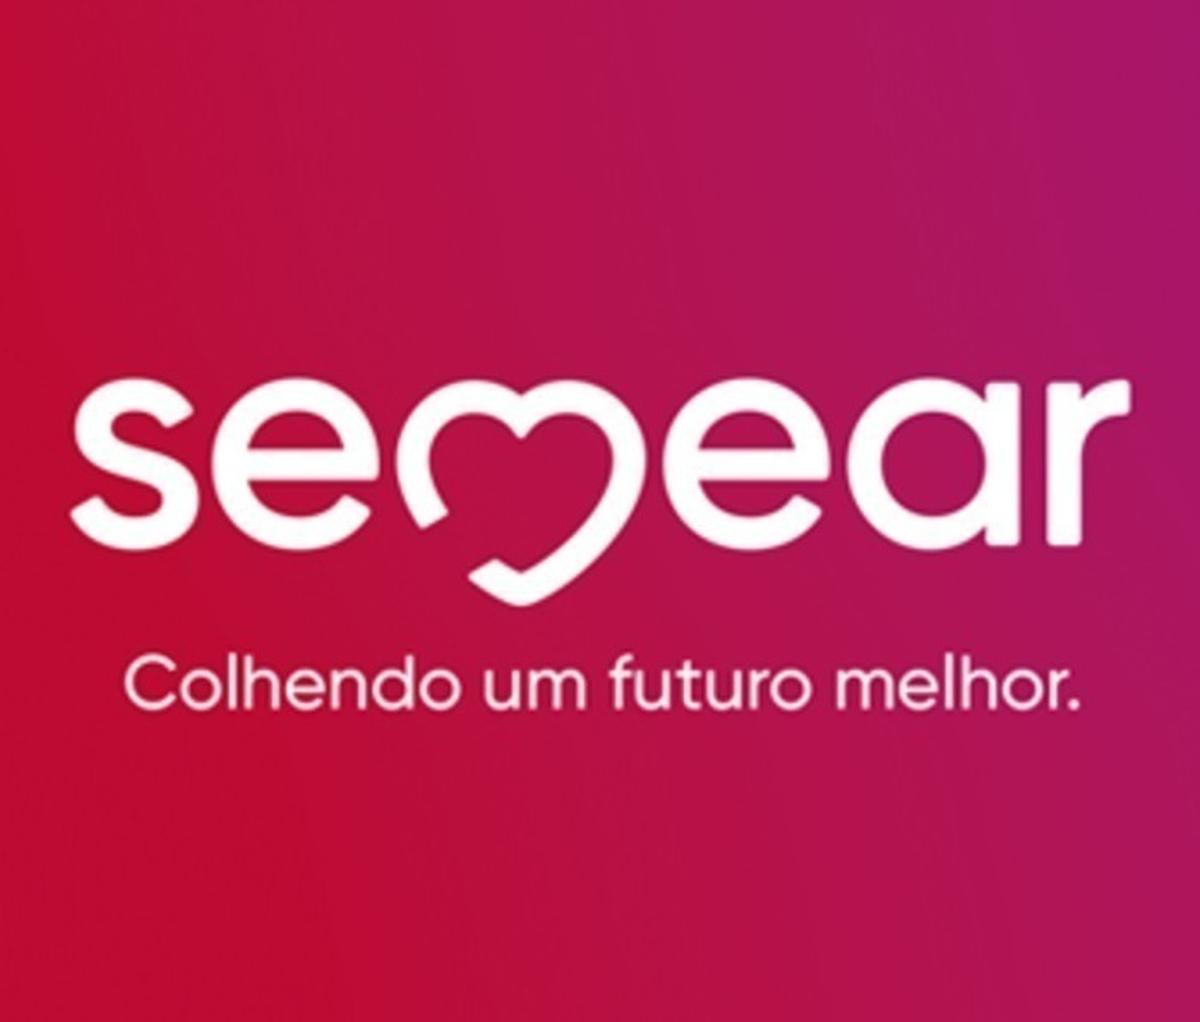 Unibrad Semear 2019 - Aplicação Jundiaí 1 (tarde)